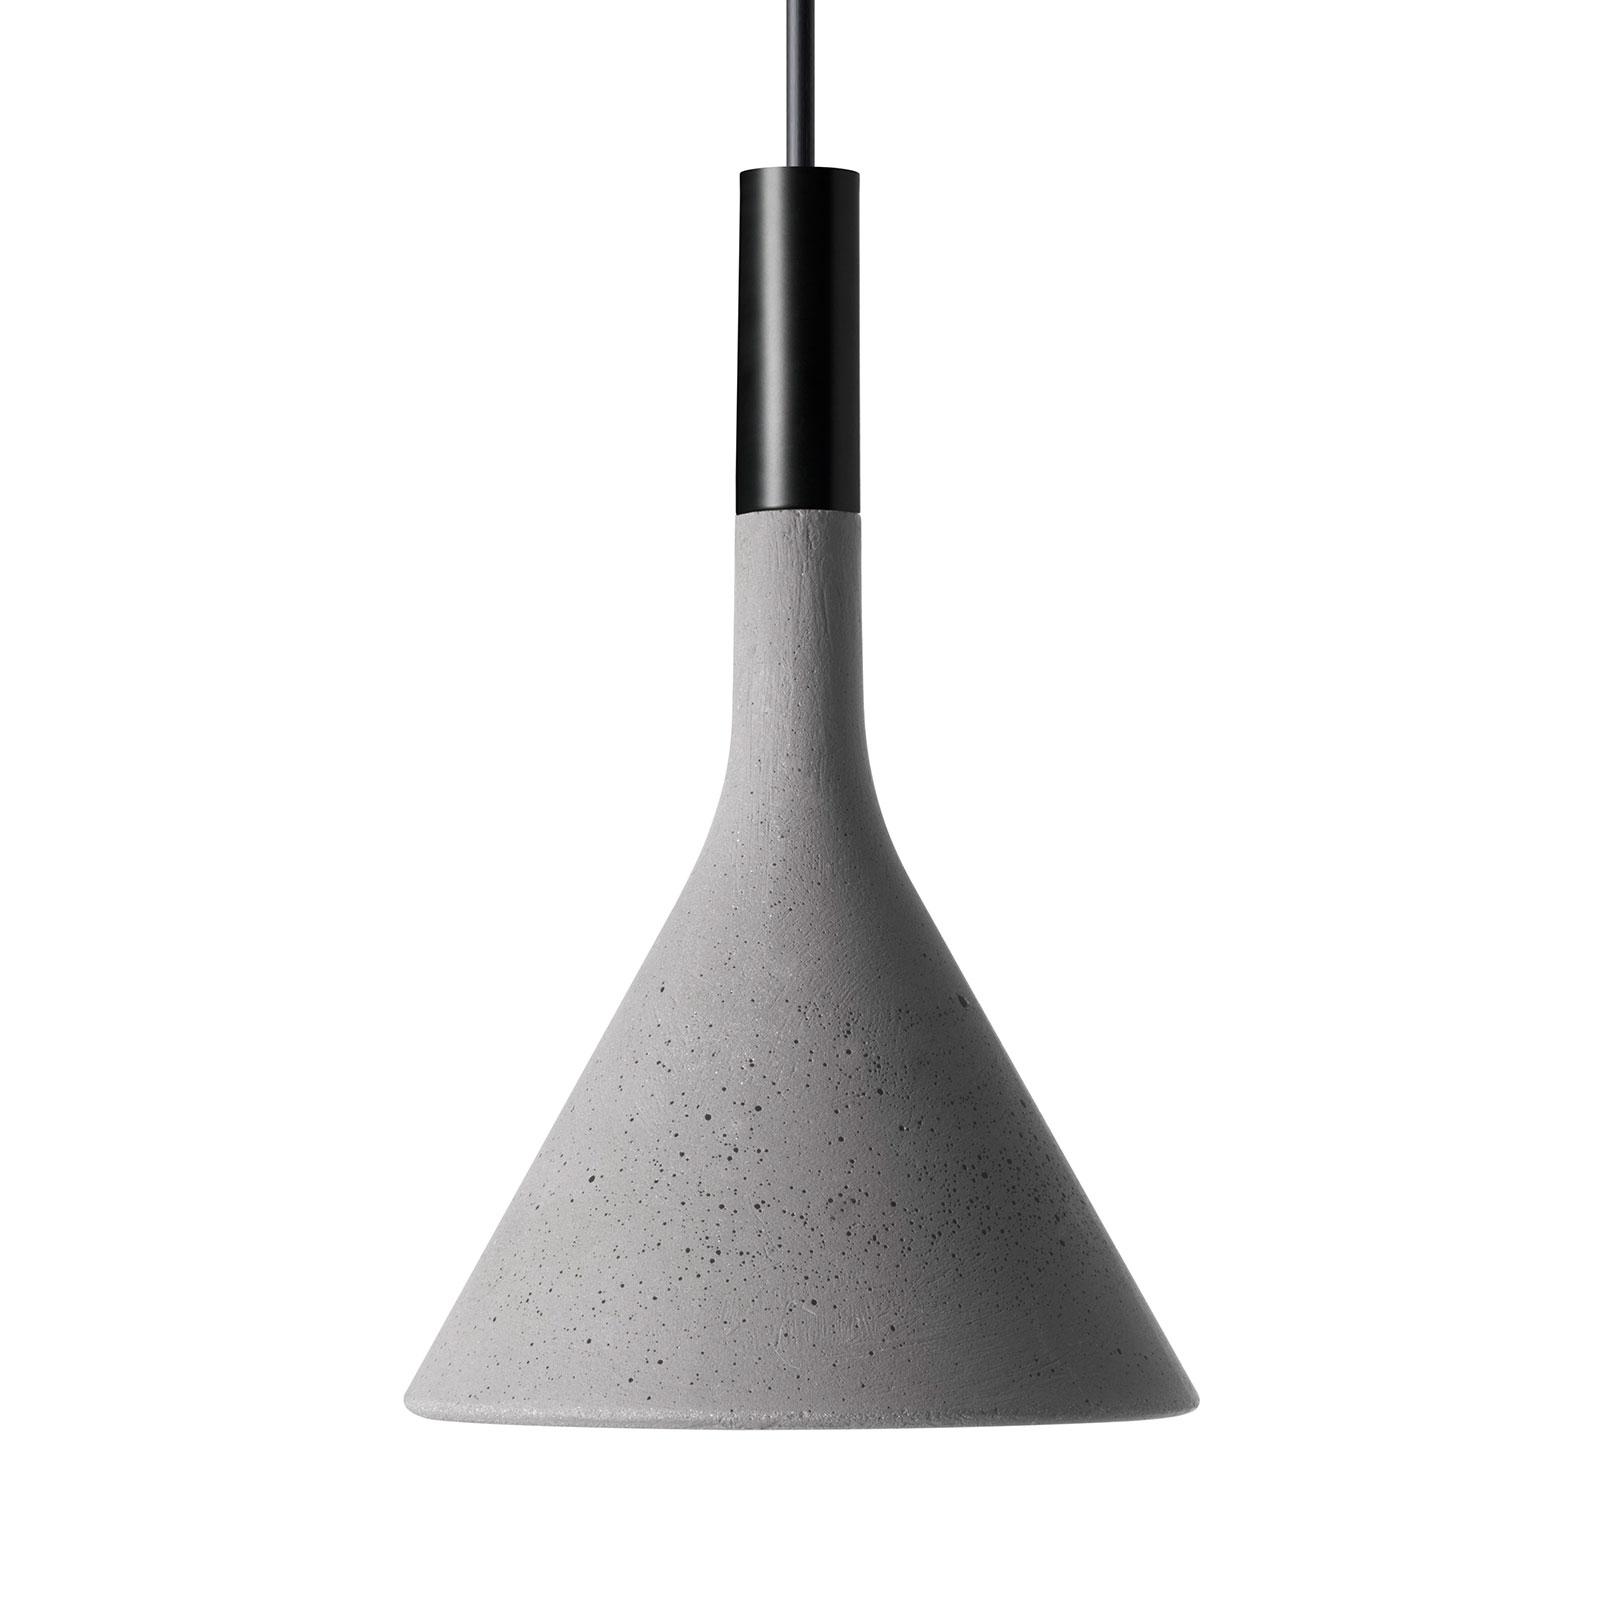 Foscarini Aplomb Mini sospensione cemento grigio